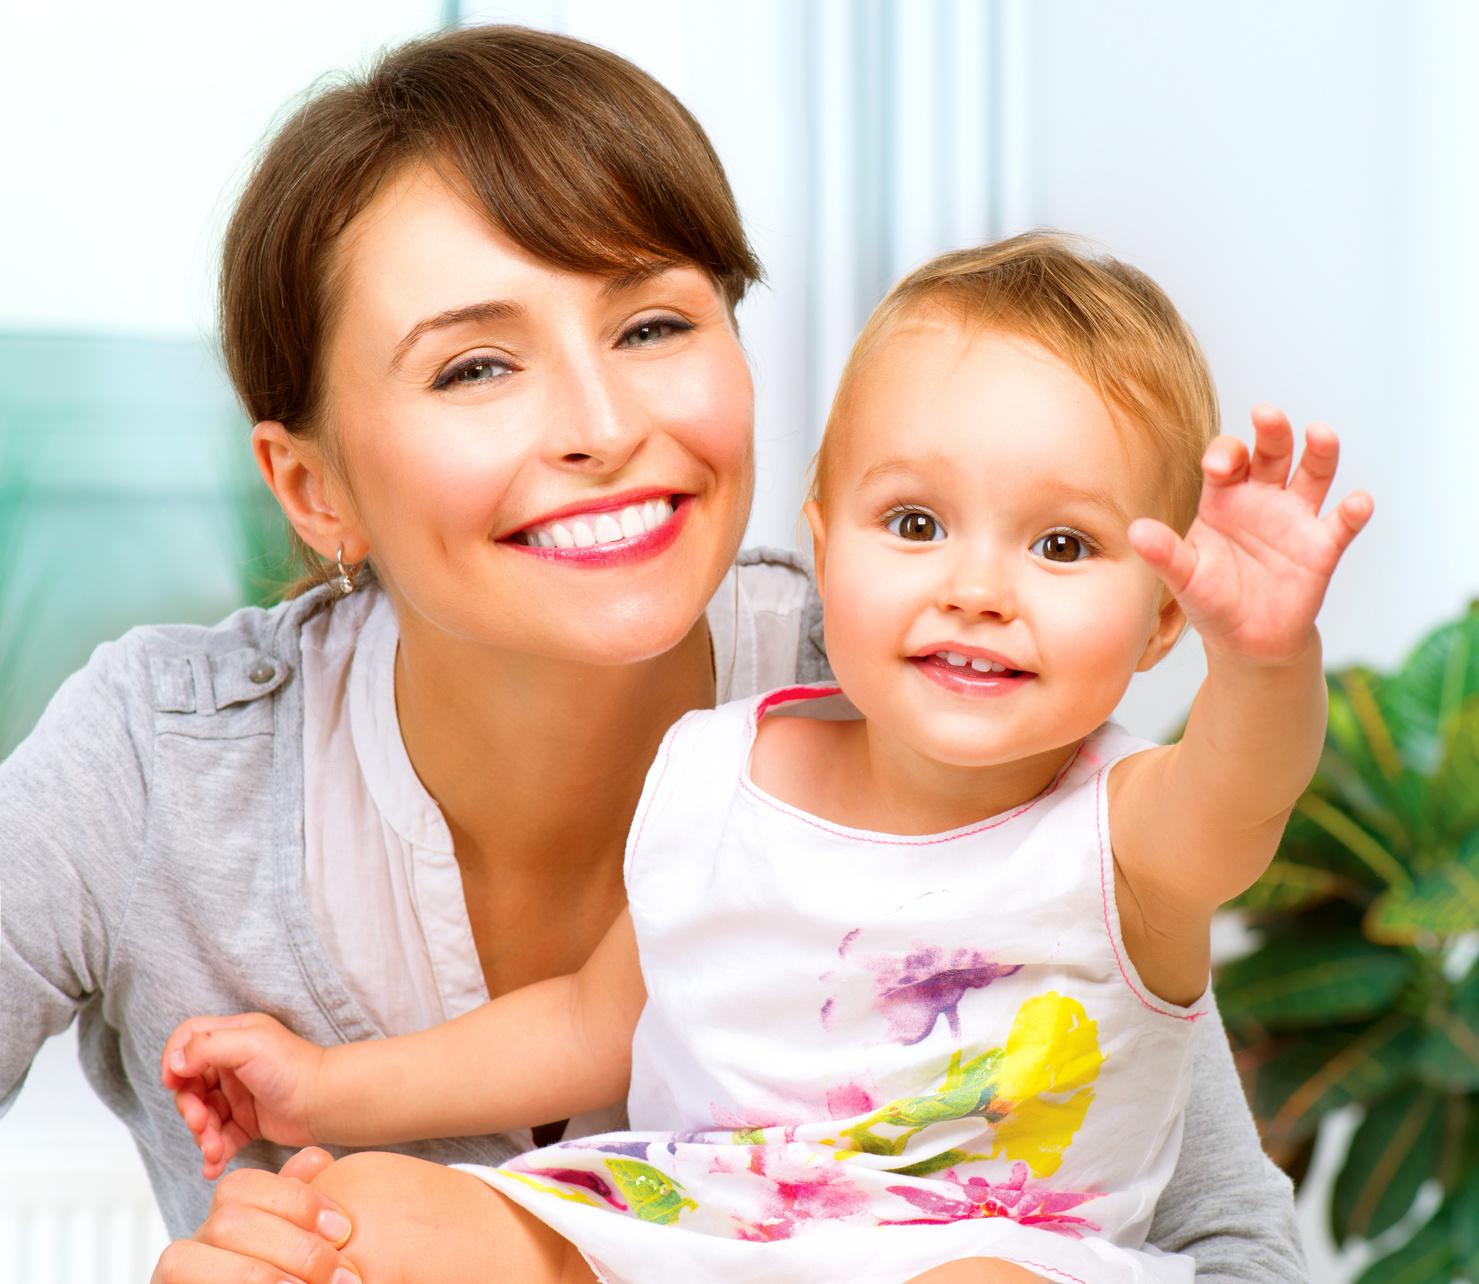 Фото матери с ребенком дома